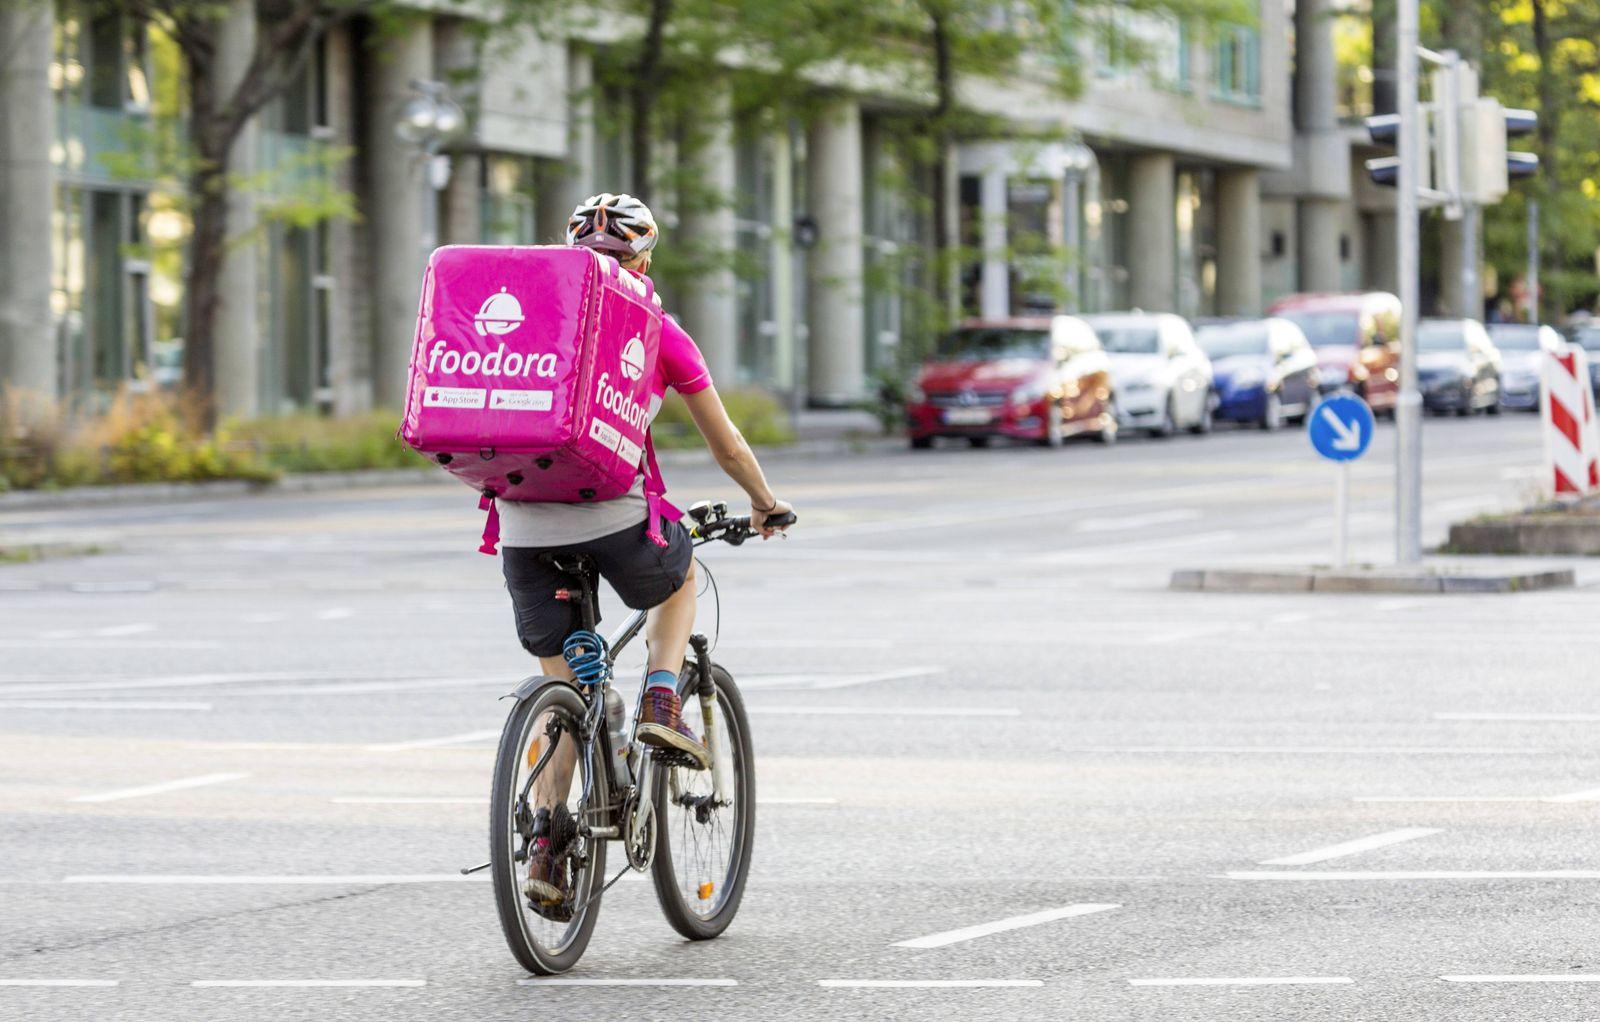 DEU Deutschland Stuttgart 04 07 2017 Fahrradfahrer des Lieferdienst Foodora ¬